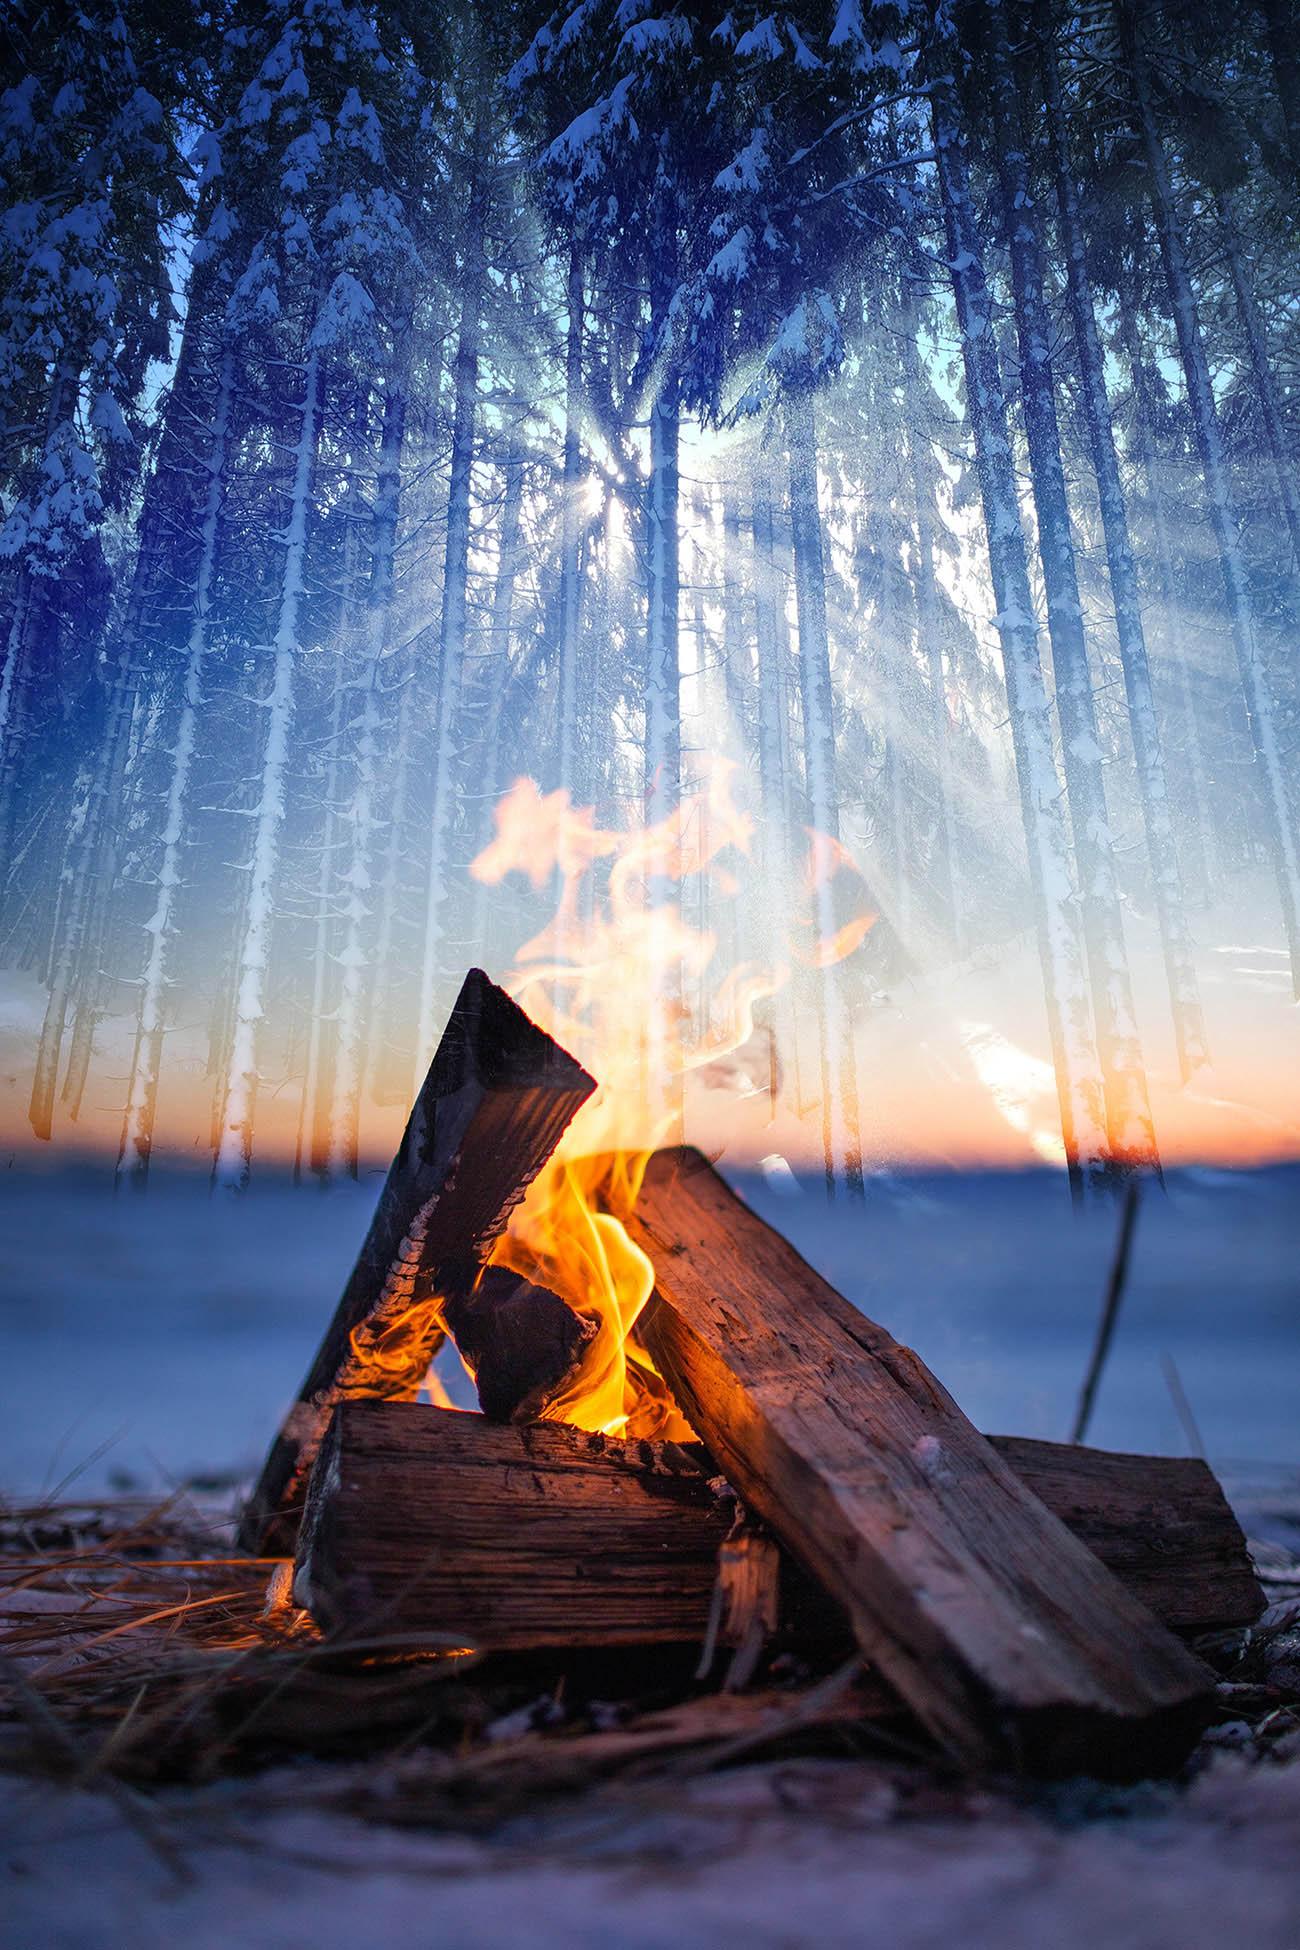 Feu de camp en hiver 01 - photo stock